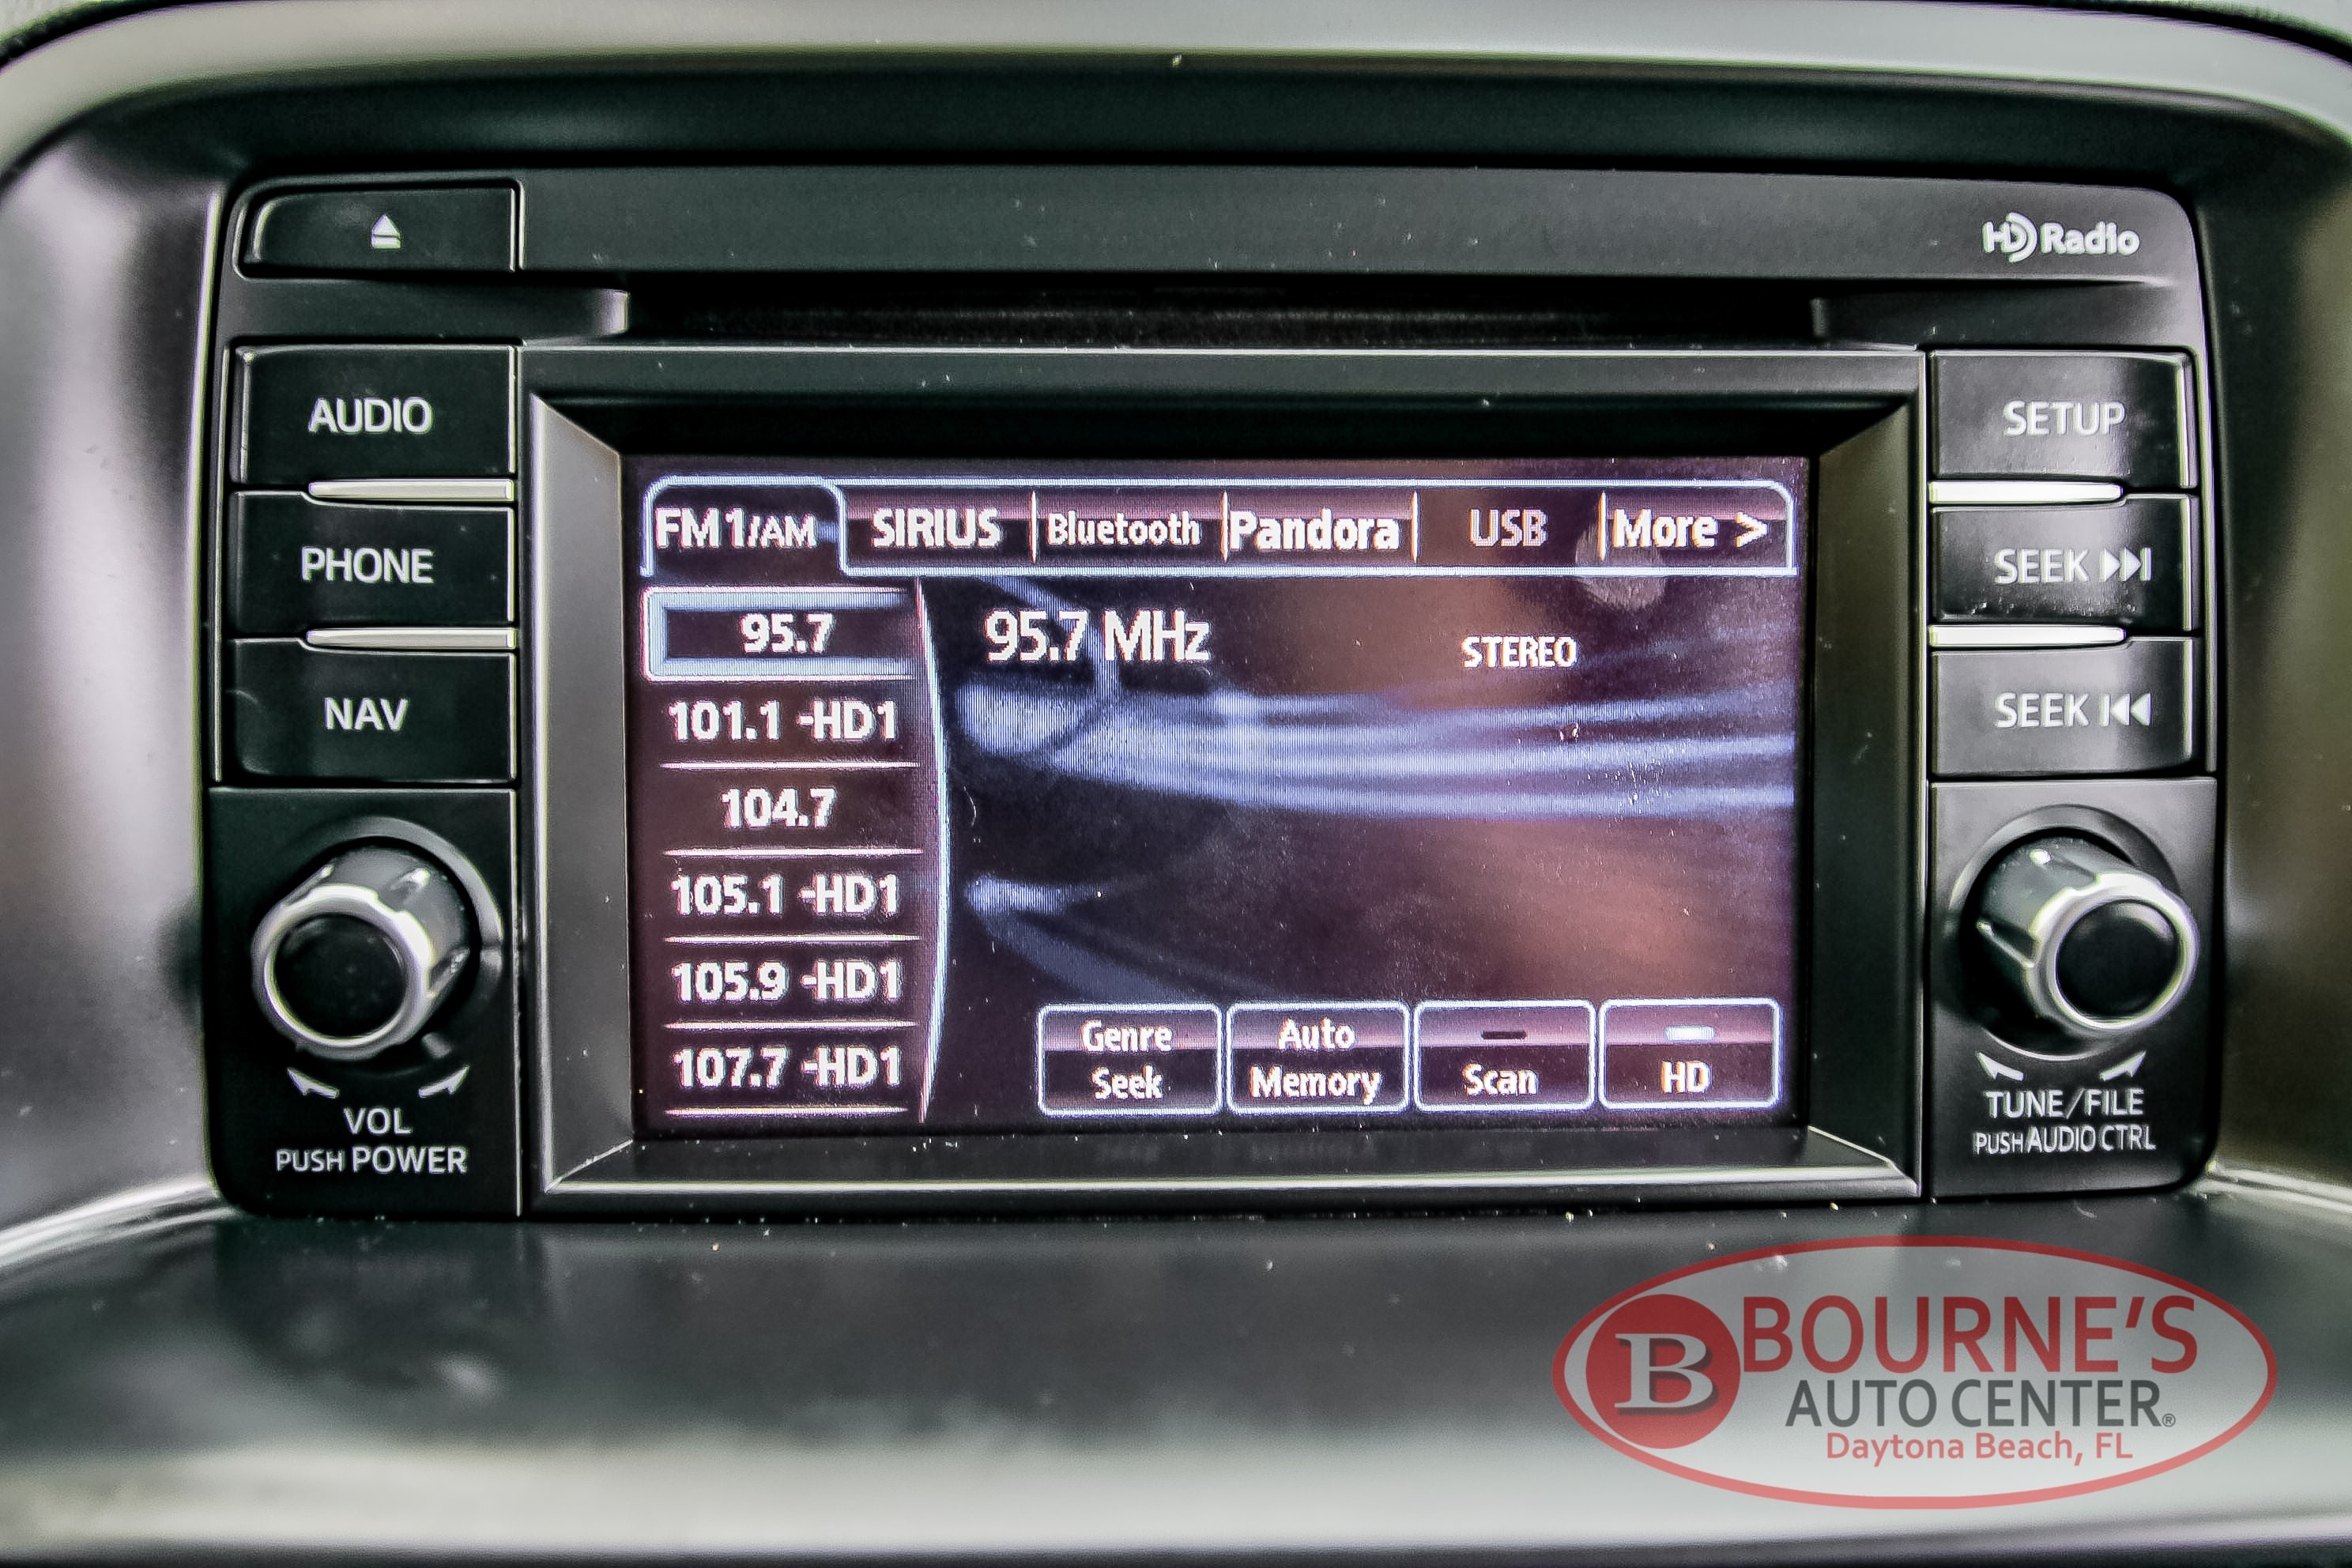 Used 2015 Mazda Cx5 For Sale Daytona Beach Flrhbournesofdaytona: Mazda Cx 5 Xm Radio At Gmaili.net